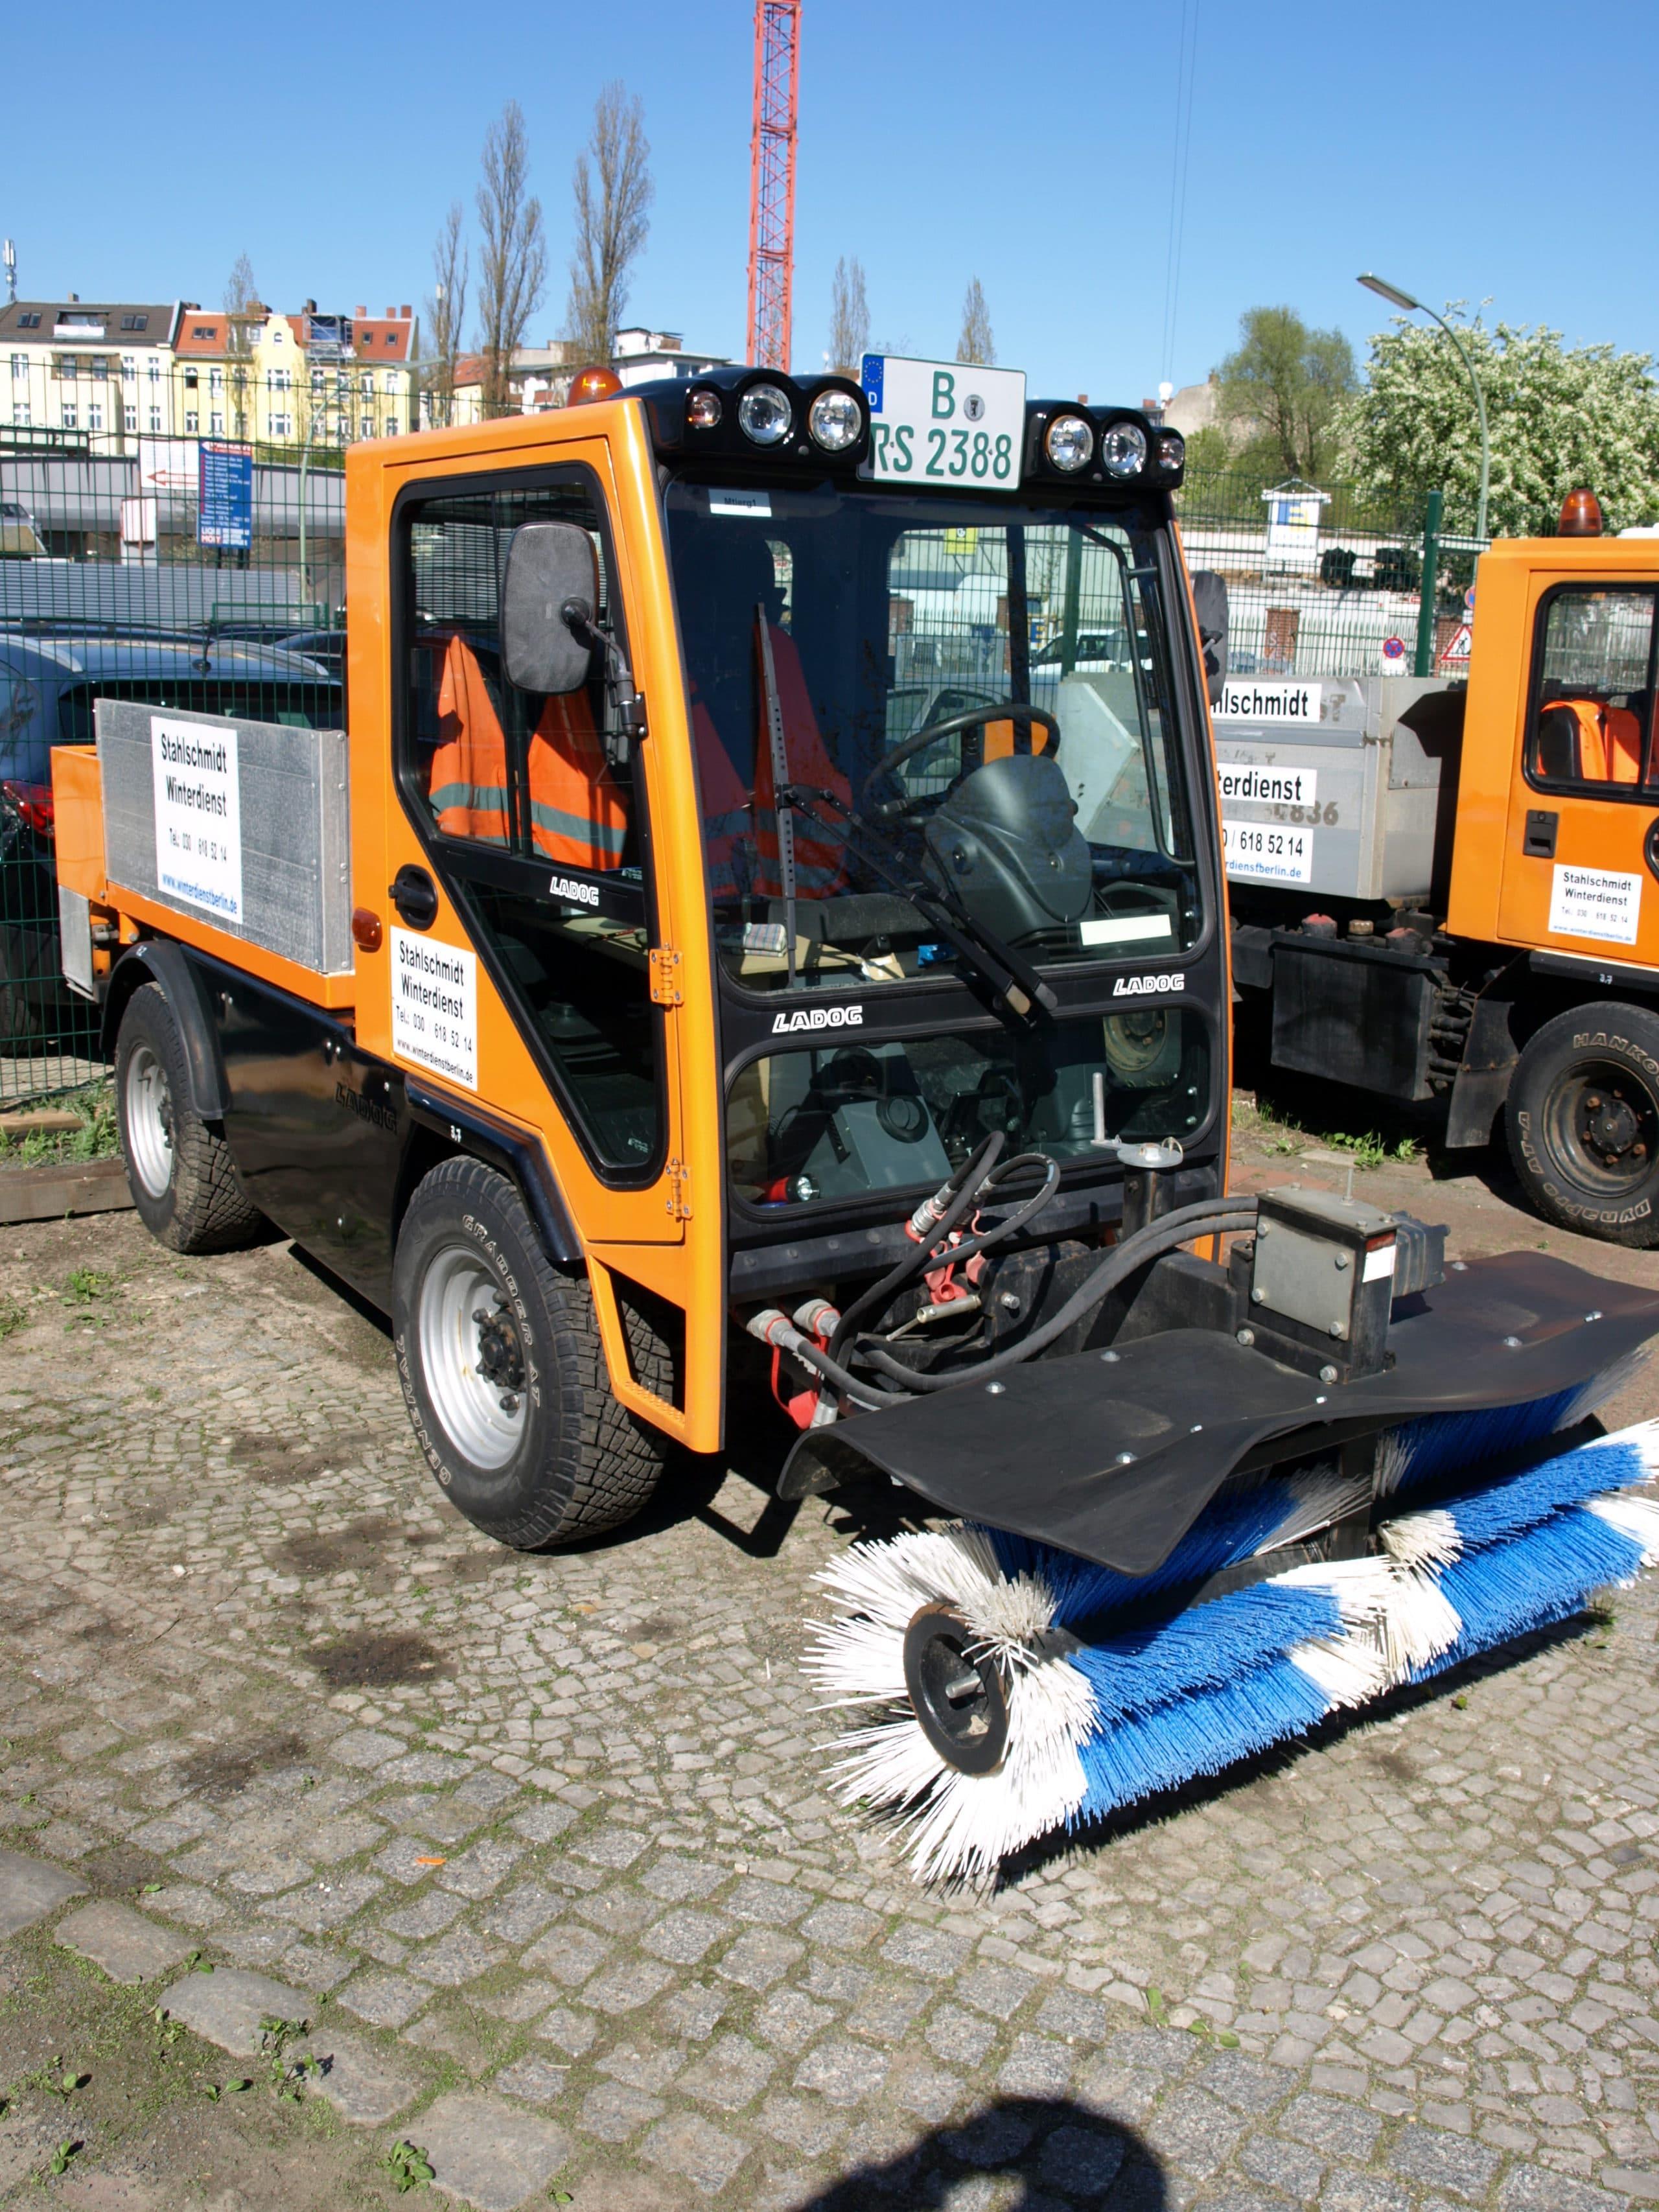 Ladog selbstfahrende Arbeitsmaschine